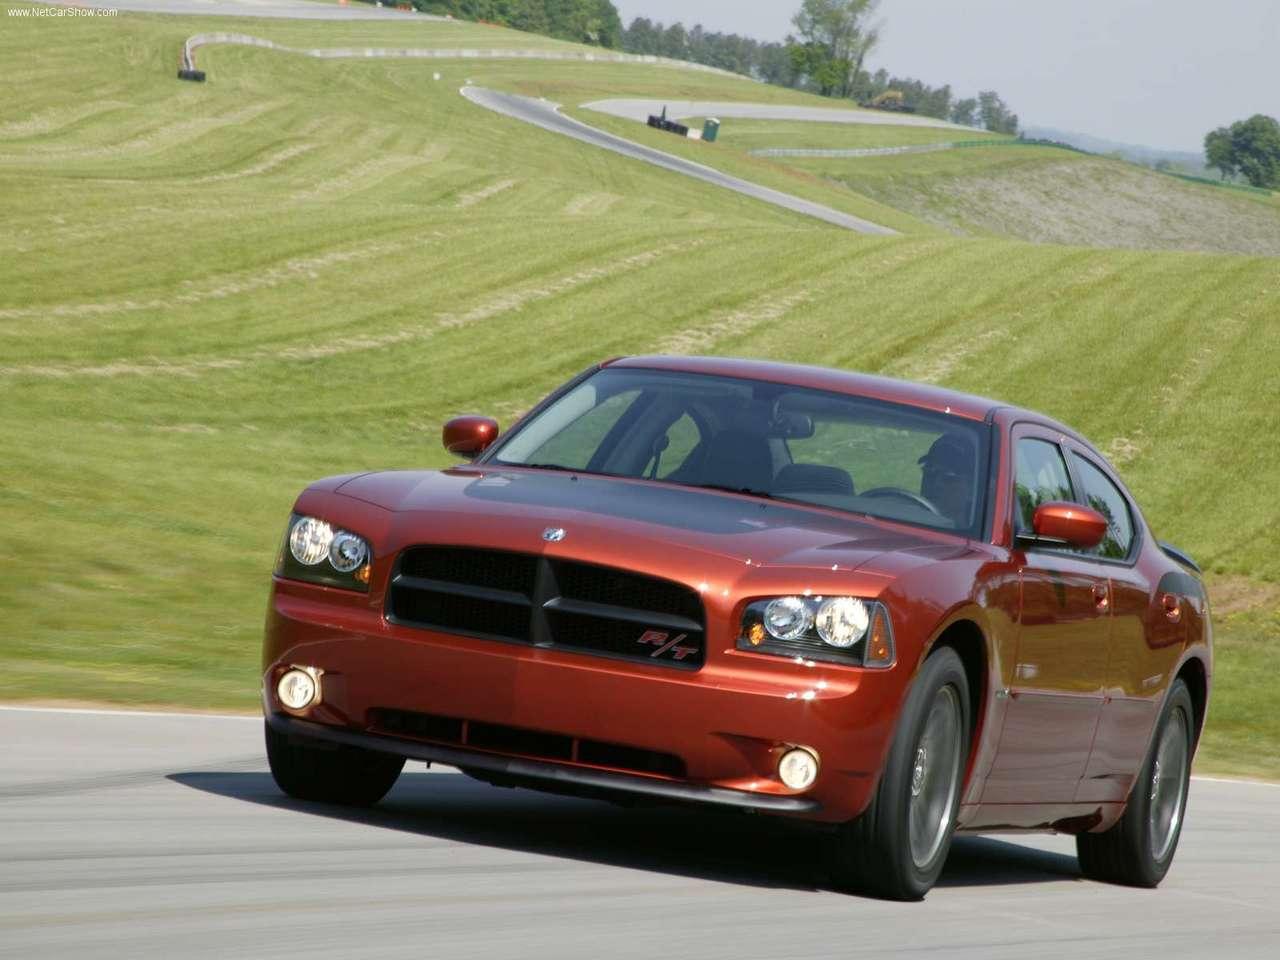 http://1.bp.blogspot.com/-Cpu8TXDFKZY/TXN_ZlN5XVI/AAAAAAAADTs/ihr5THbAQWg/s1600/Dodge-Charger_Daytona_RT_2006_1280x960_wallpaper_03.jpg